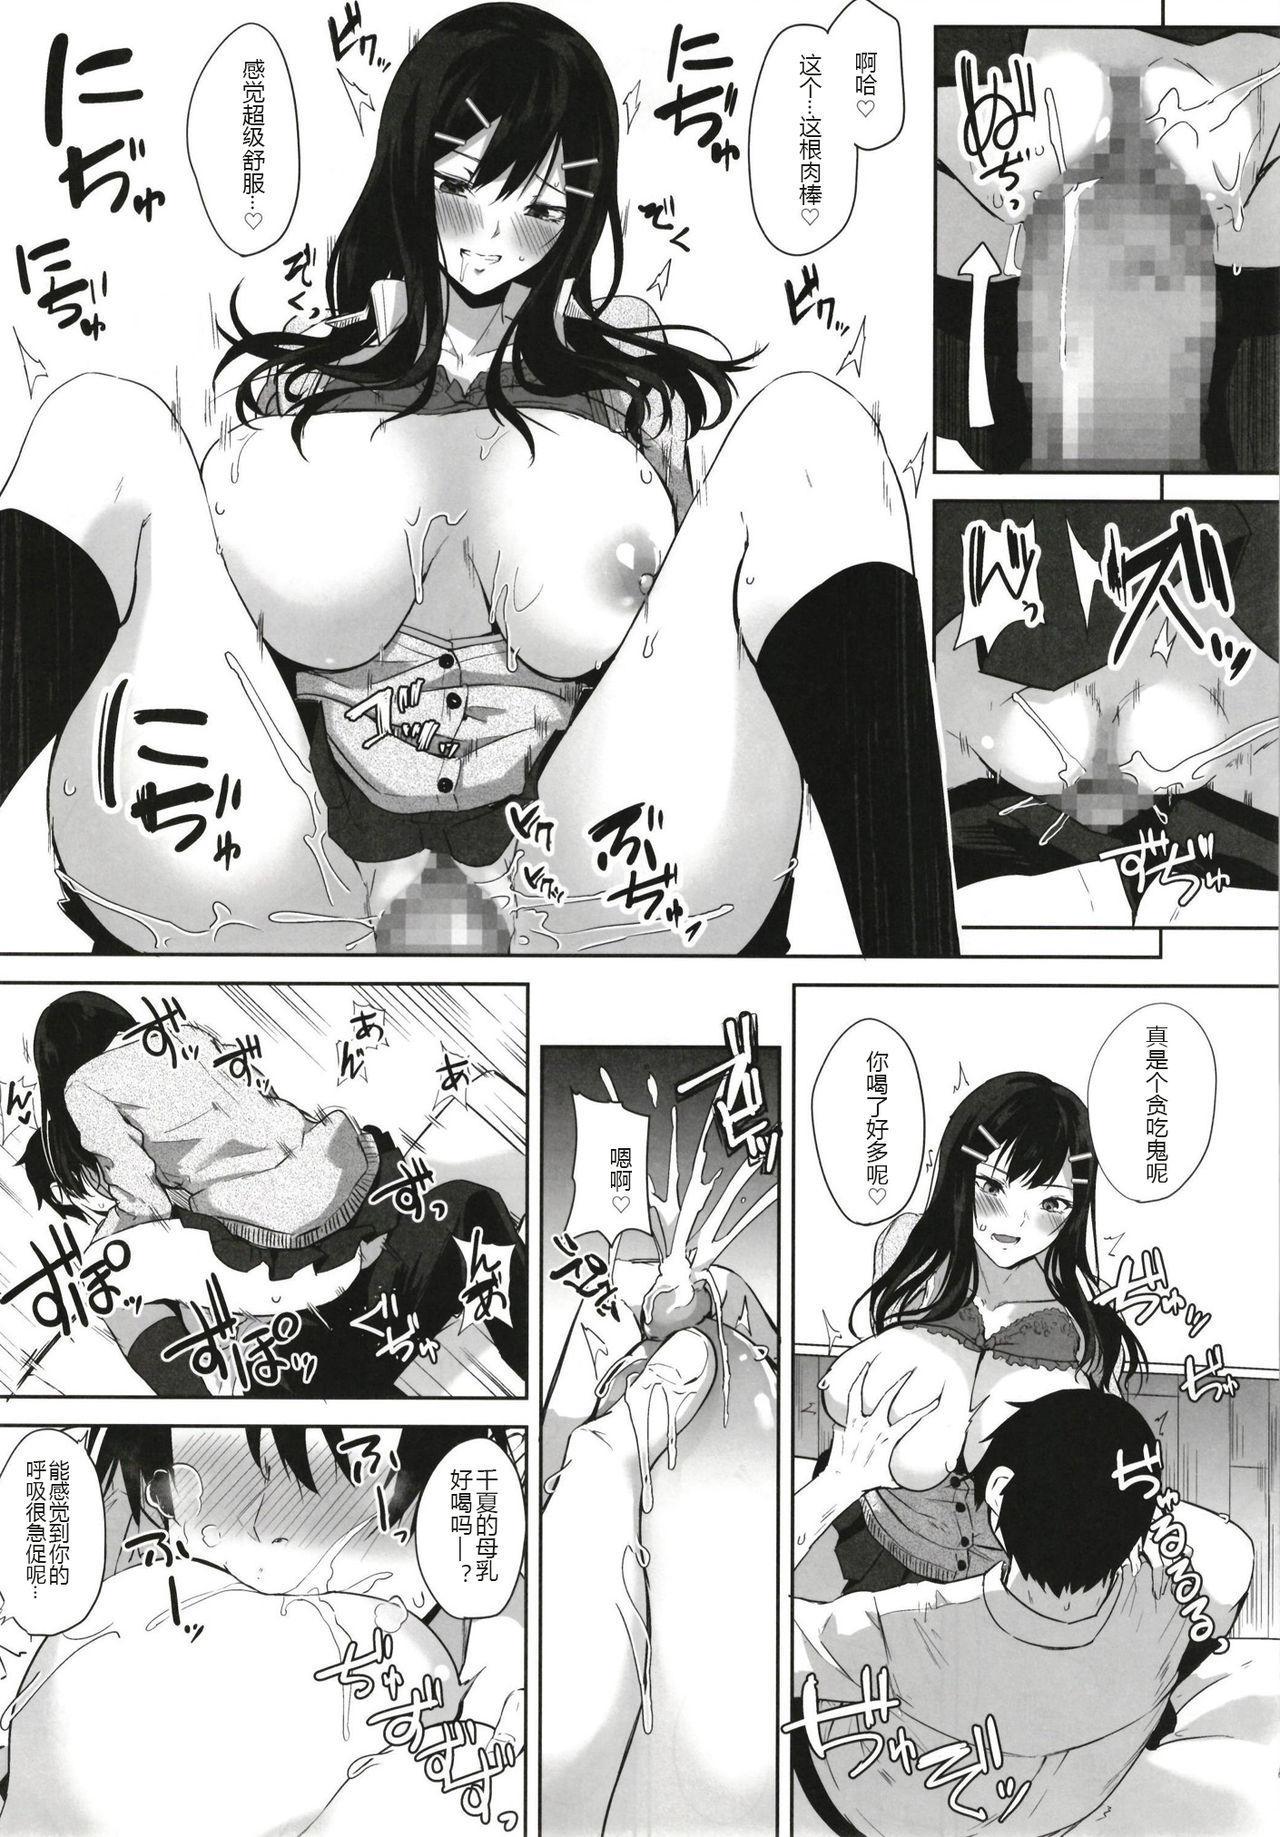 Kusuri mo Sugireba Chichi to Naru 131